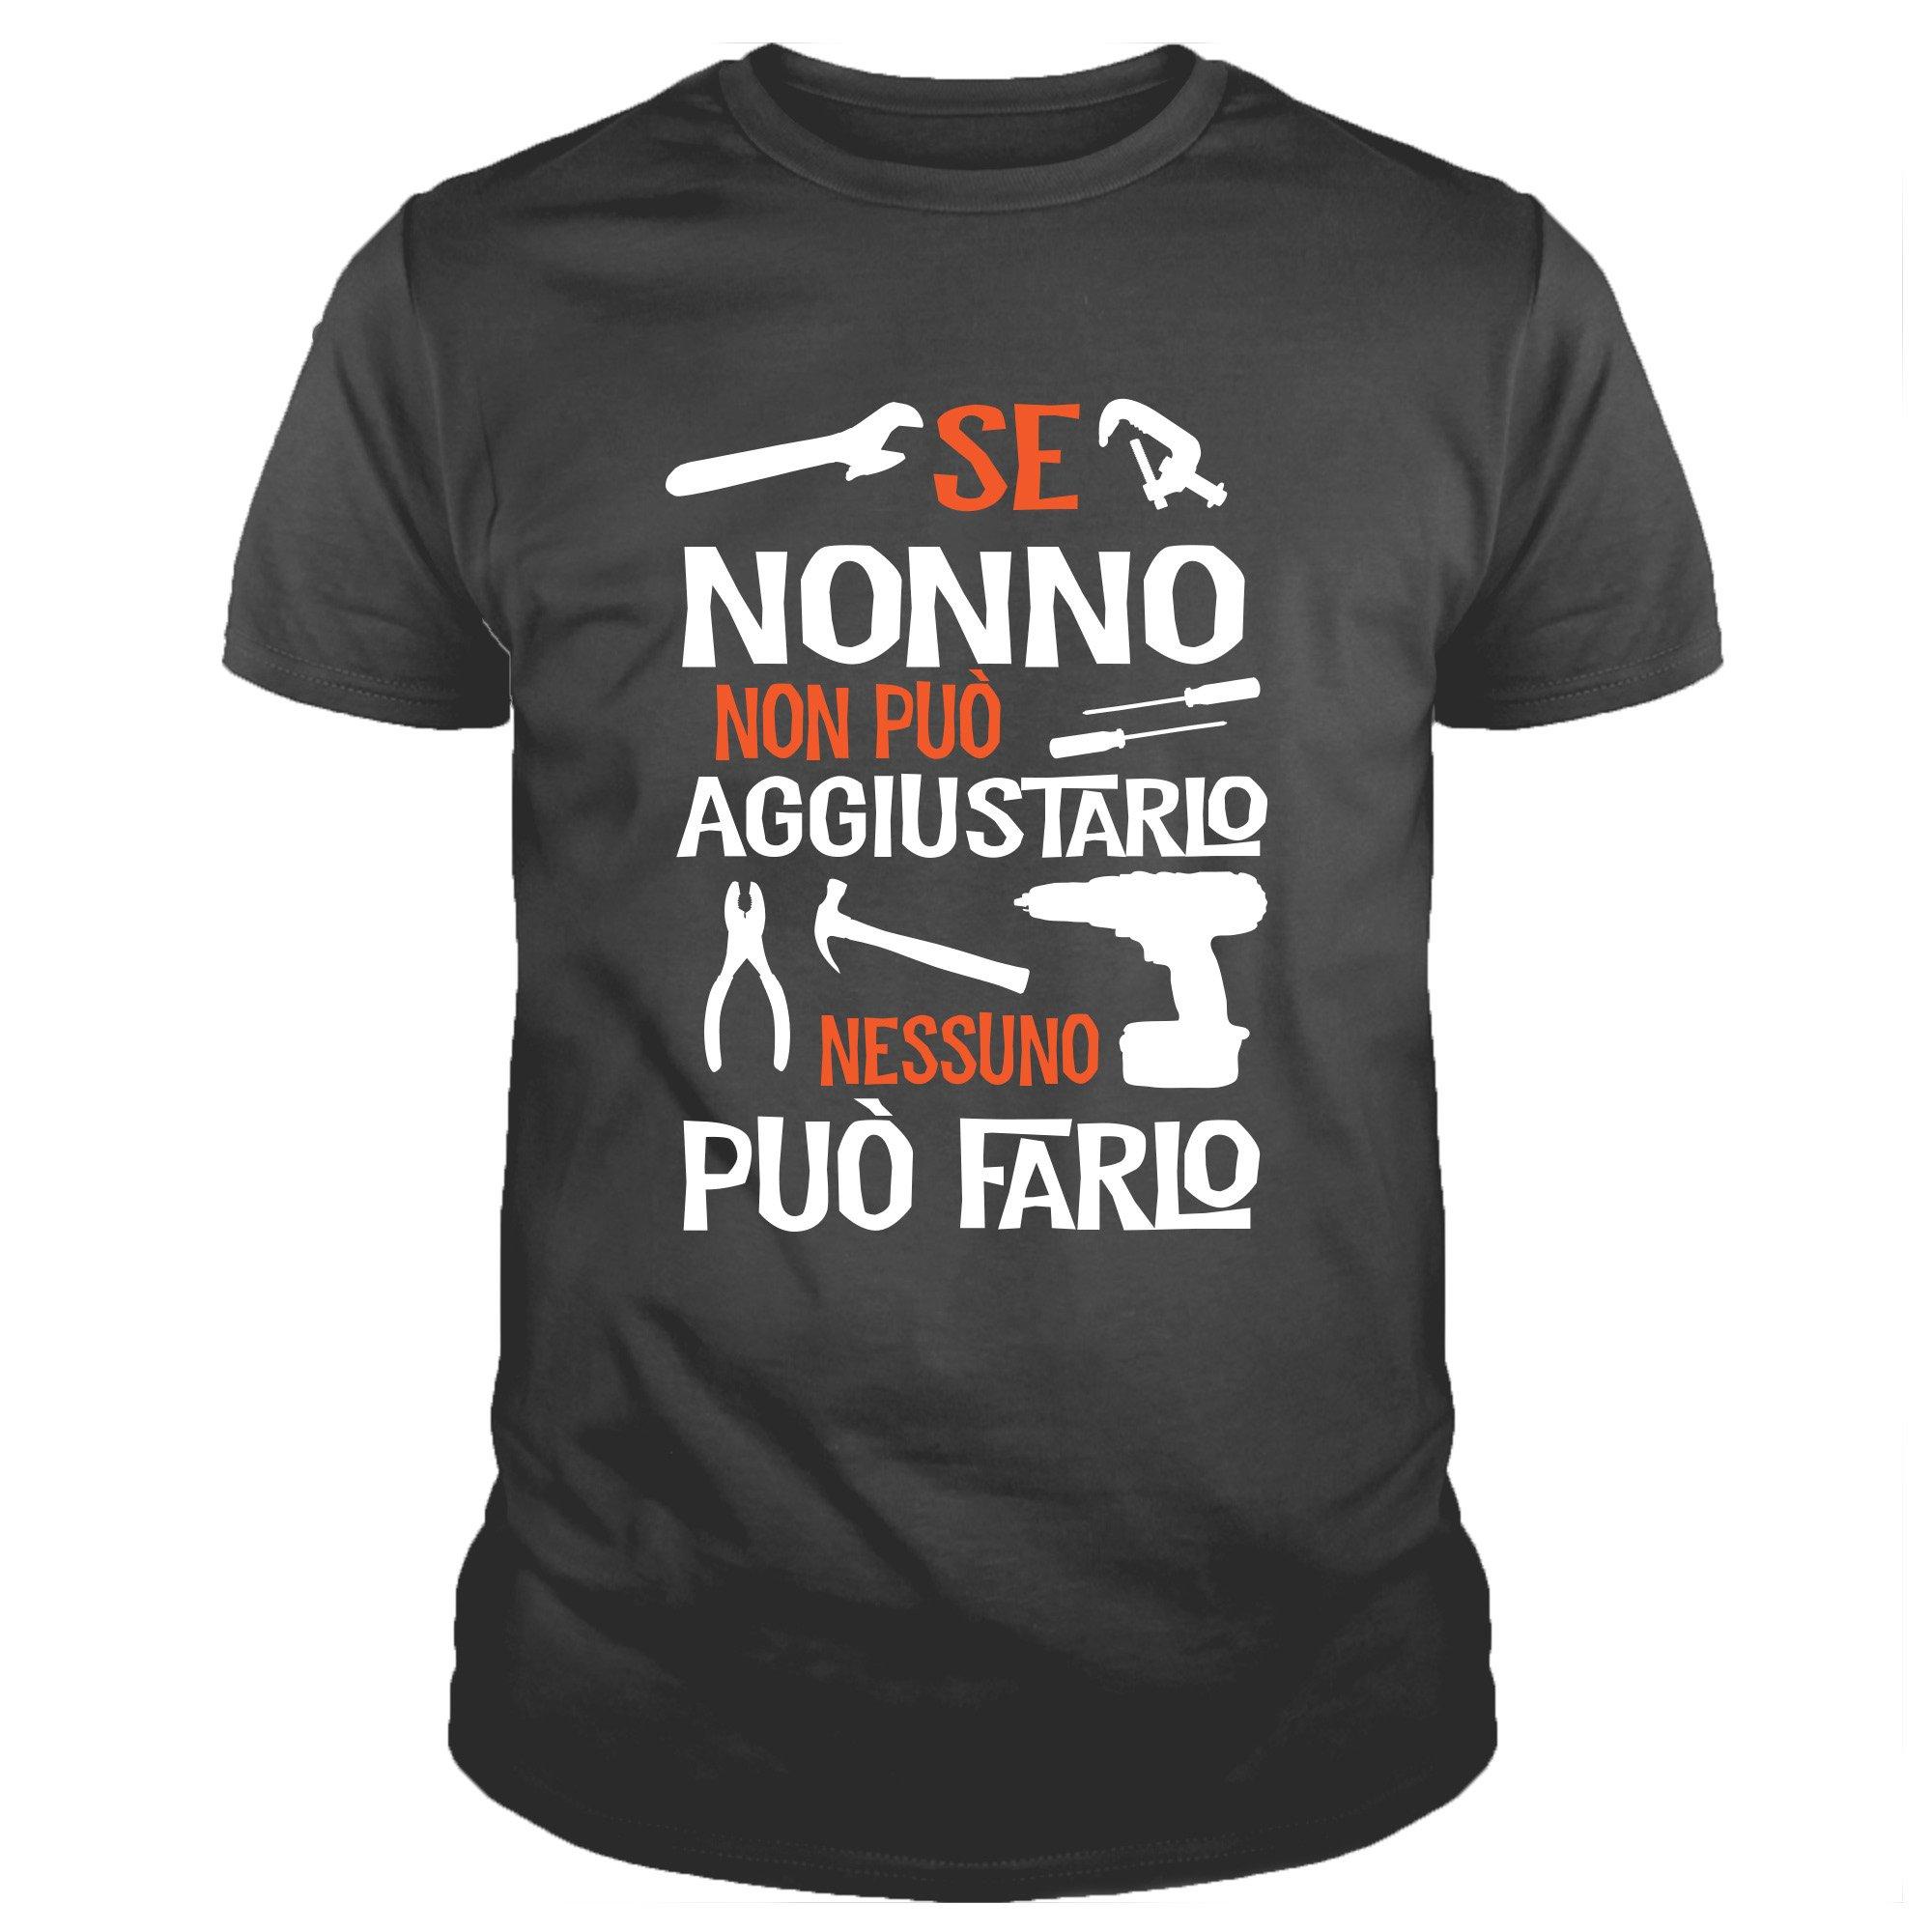 3e4c820b8694 IDEAMAGLIETTA Maglietta Nonno con Grafica Divertente   Se Nonno Non può  aggiustarlo Nessuno può Farlo Idea